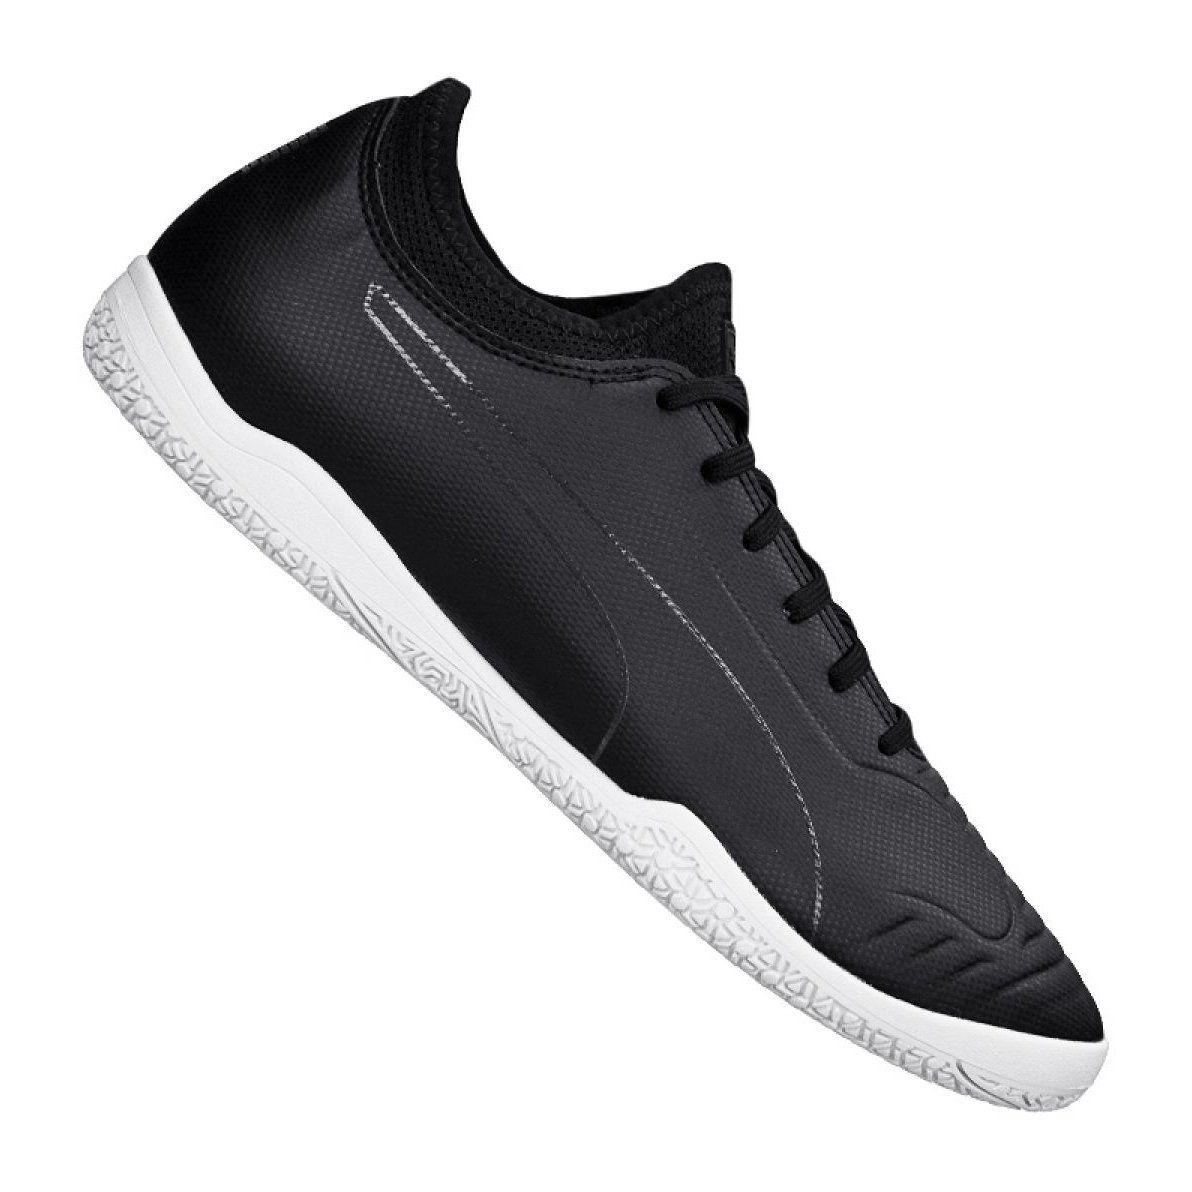 Buty Puma 365 Sala 2 M 105992 01 Czarne Czarne Sneakers Puma Sneaker Shoes